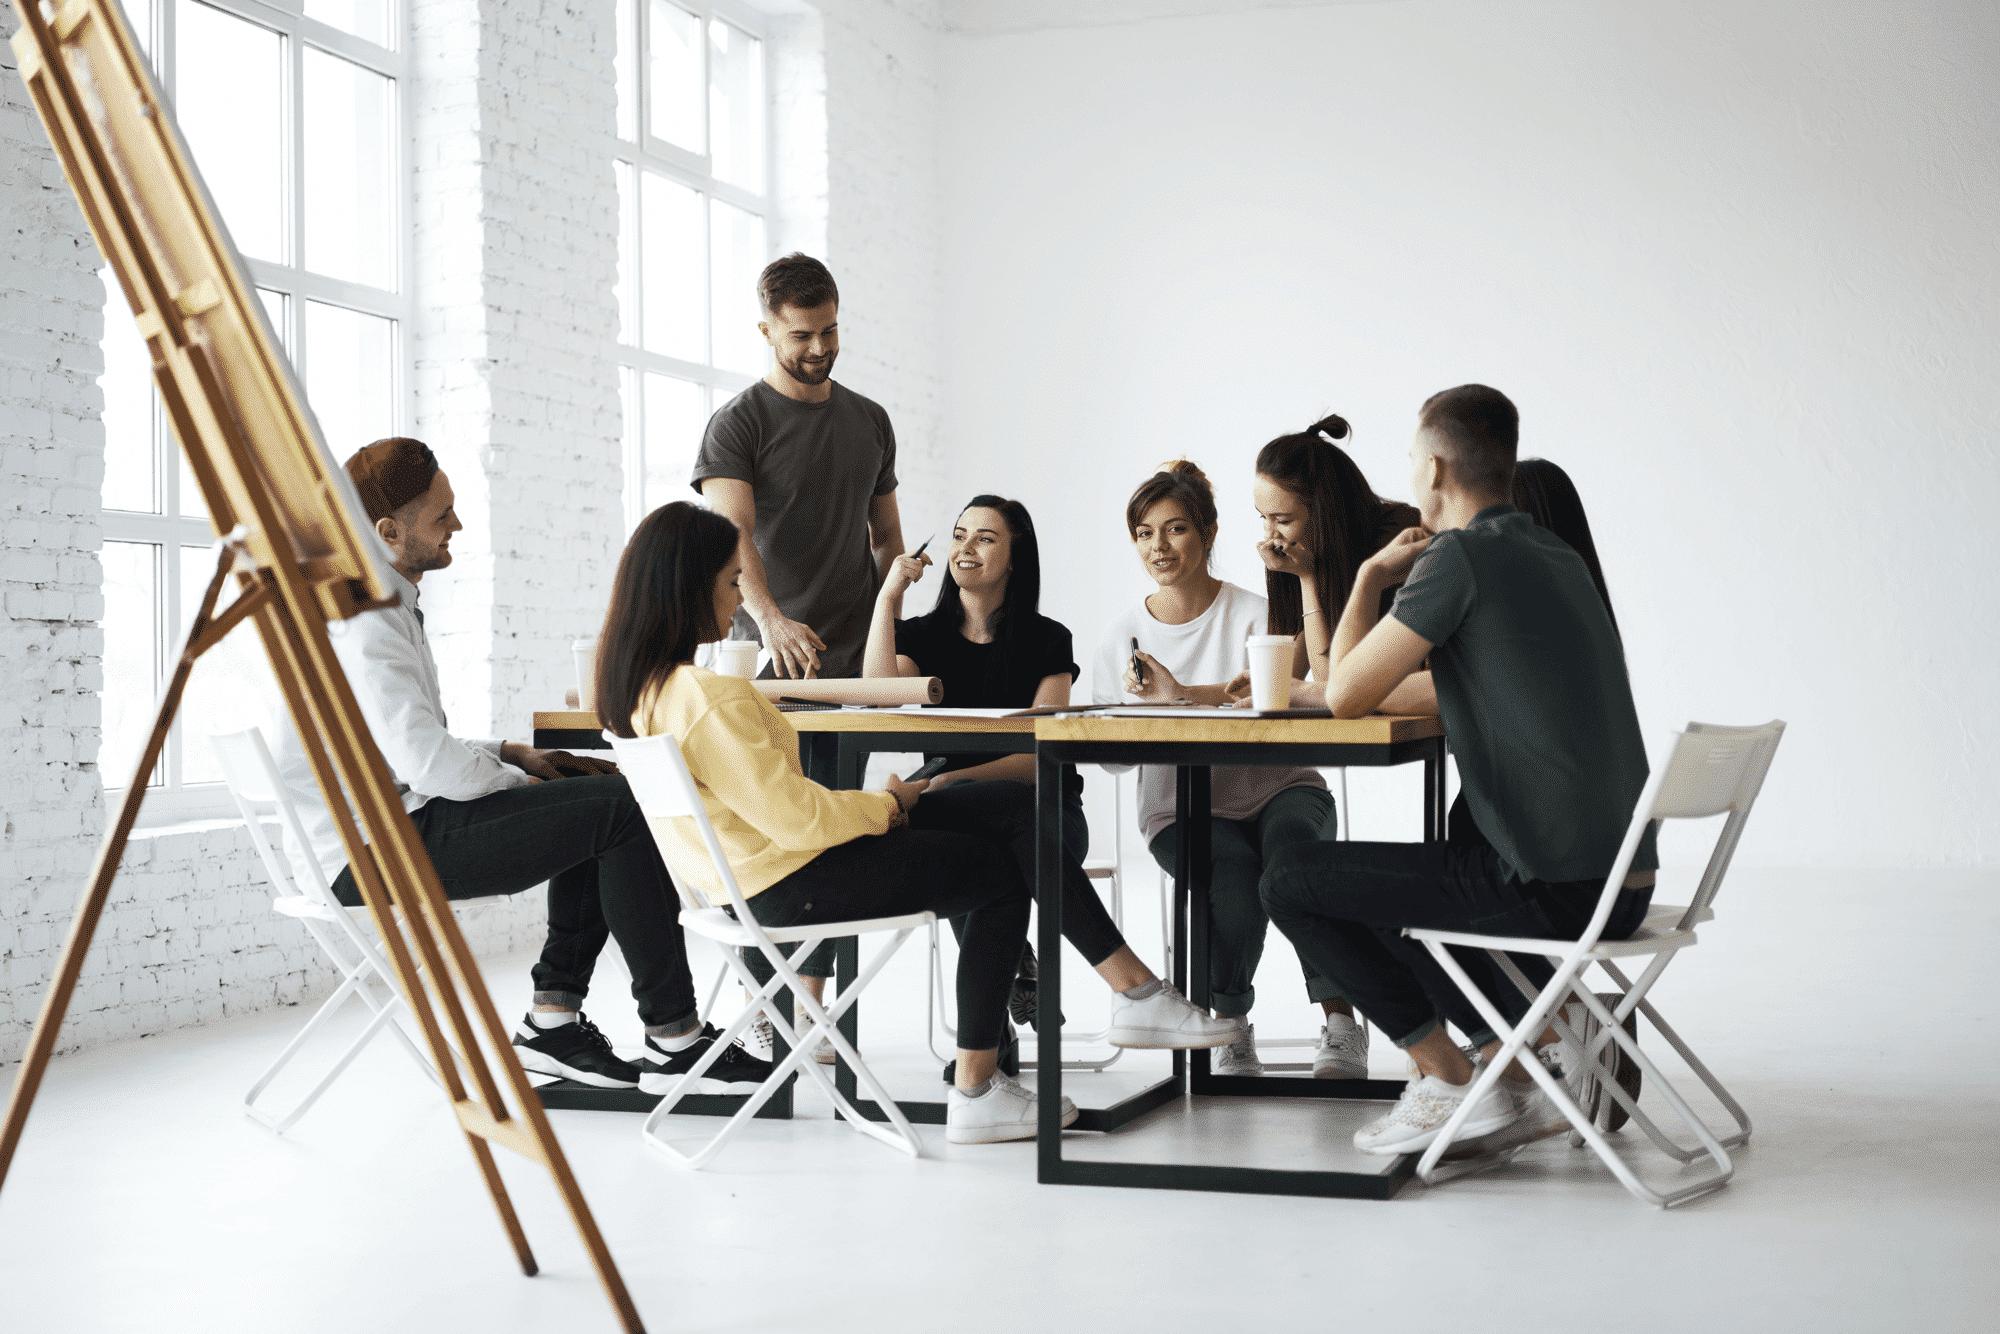 De 7 gewoonten van hoogintelligente organisaties | Onderzoek